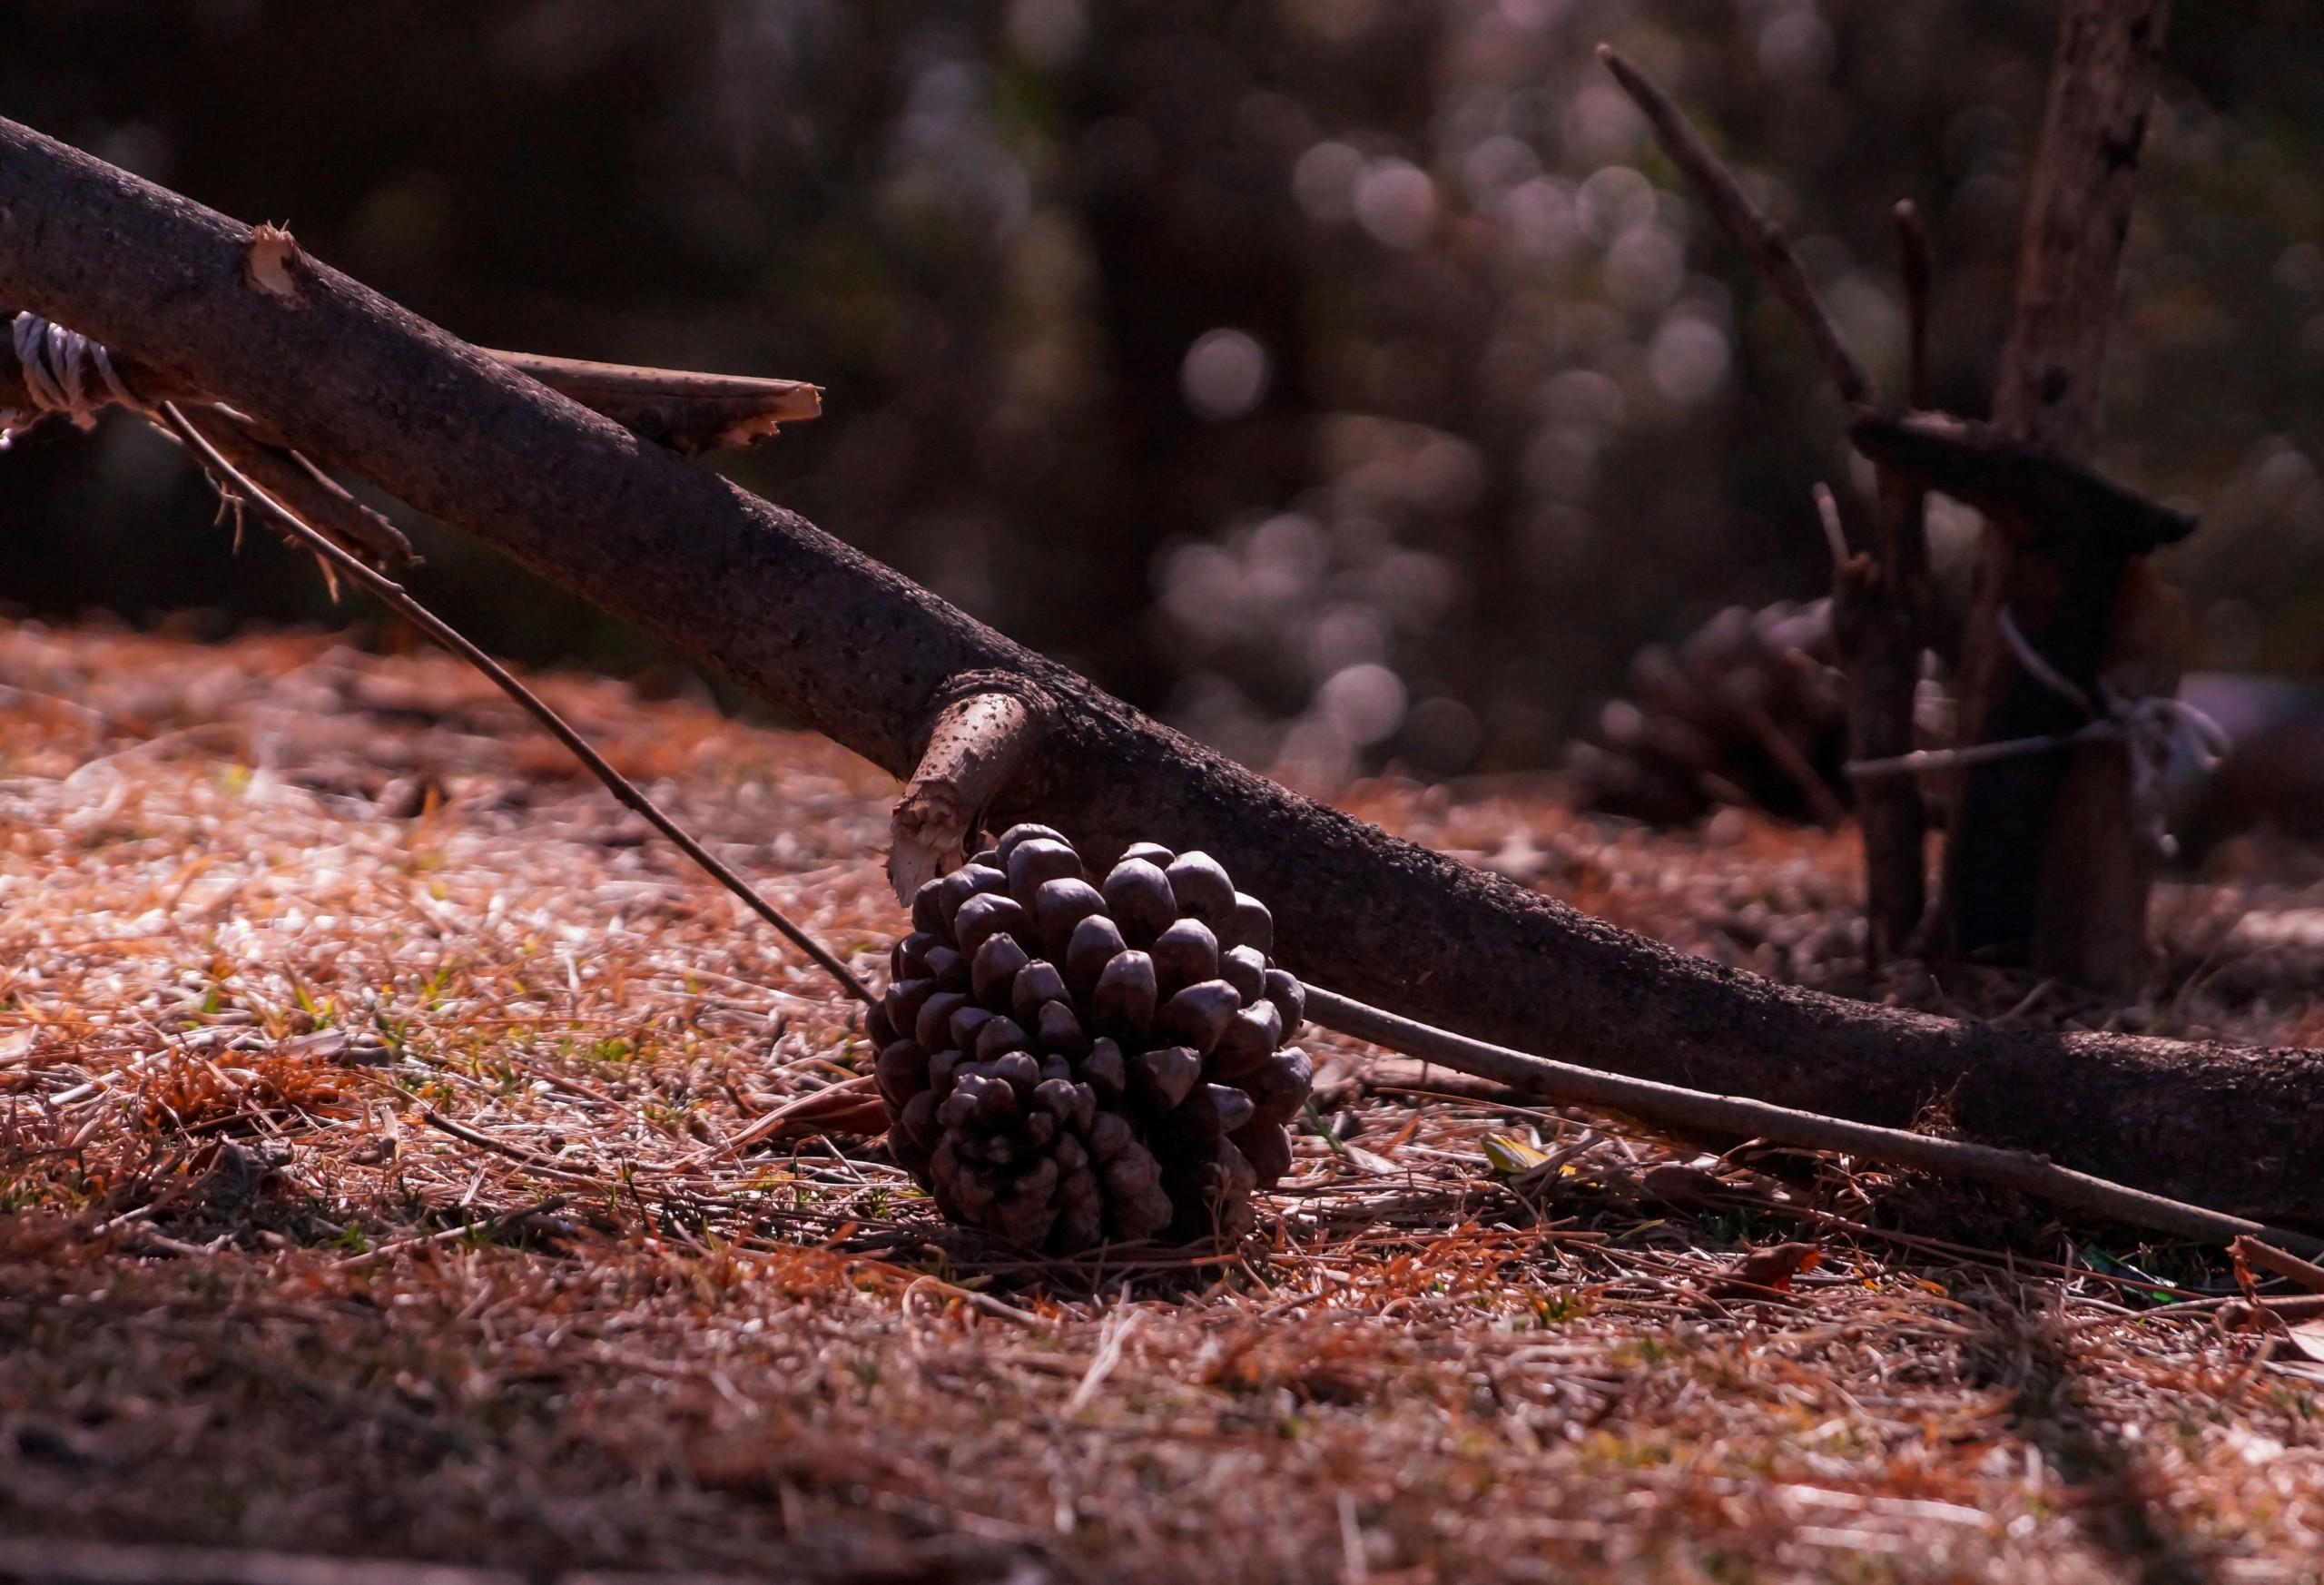 Fallen Fruit of a Tree